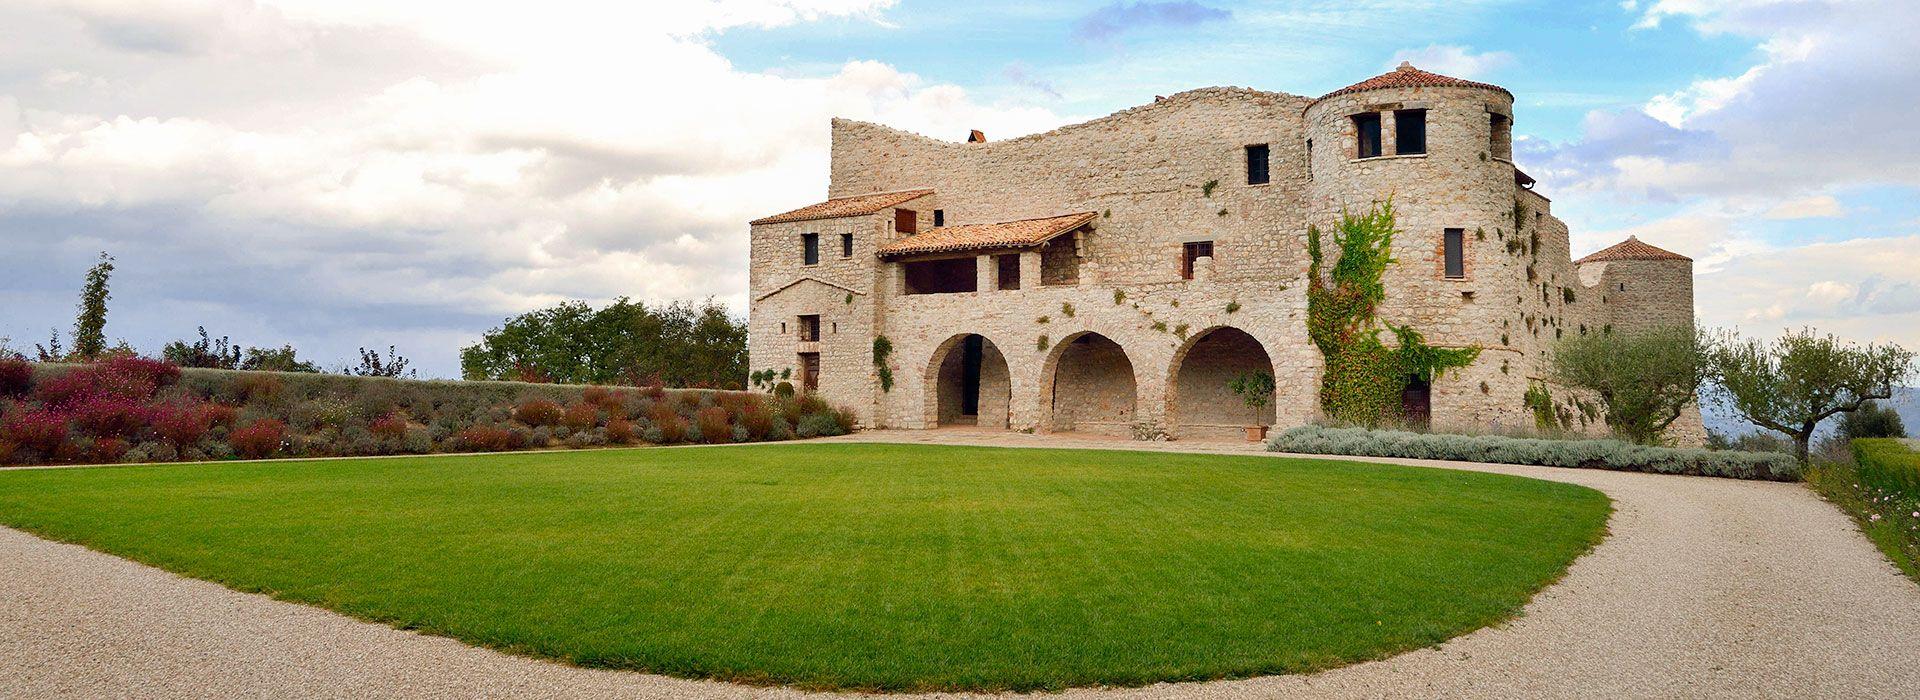 Castello di Procopio